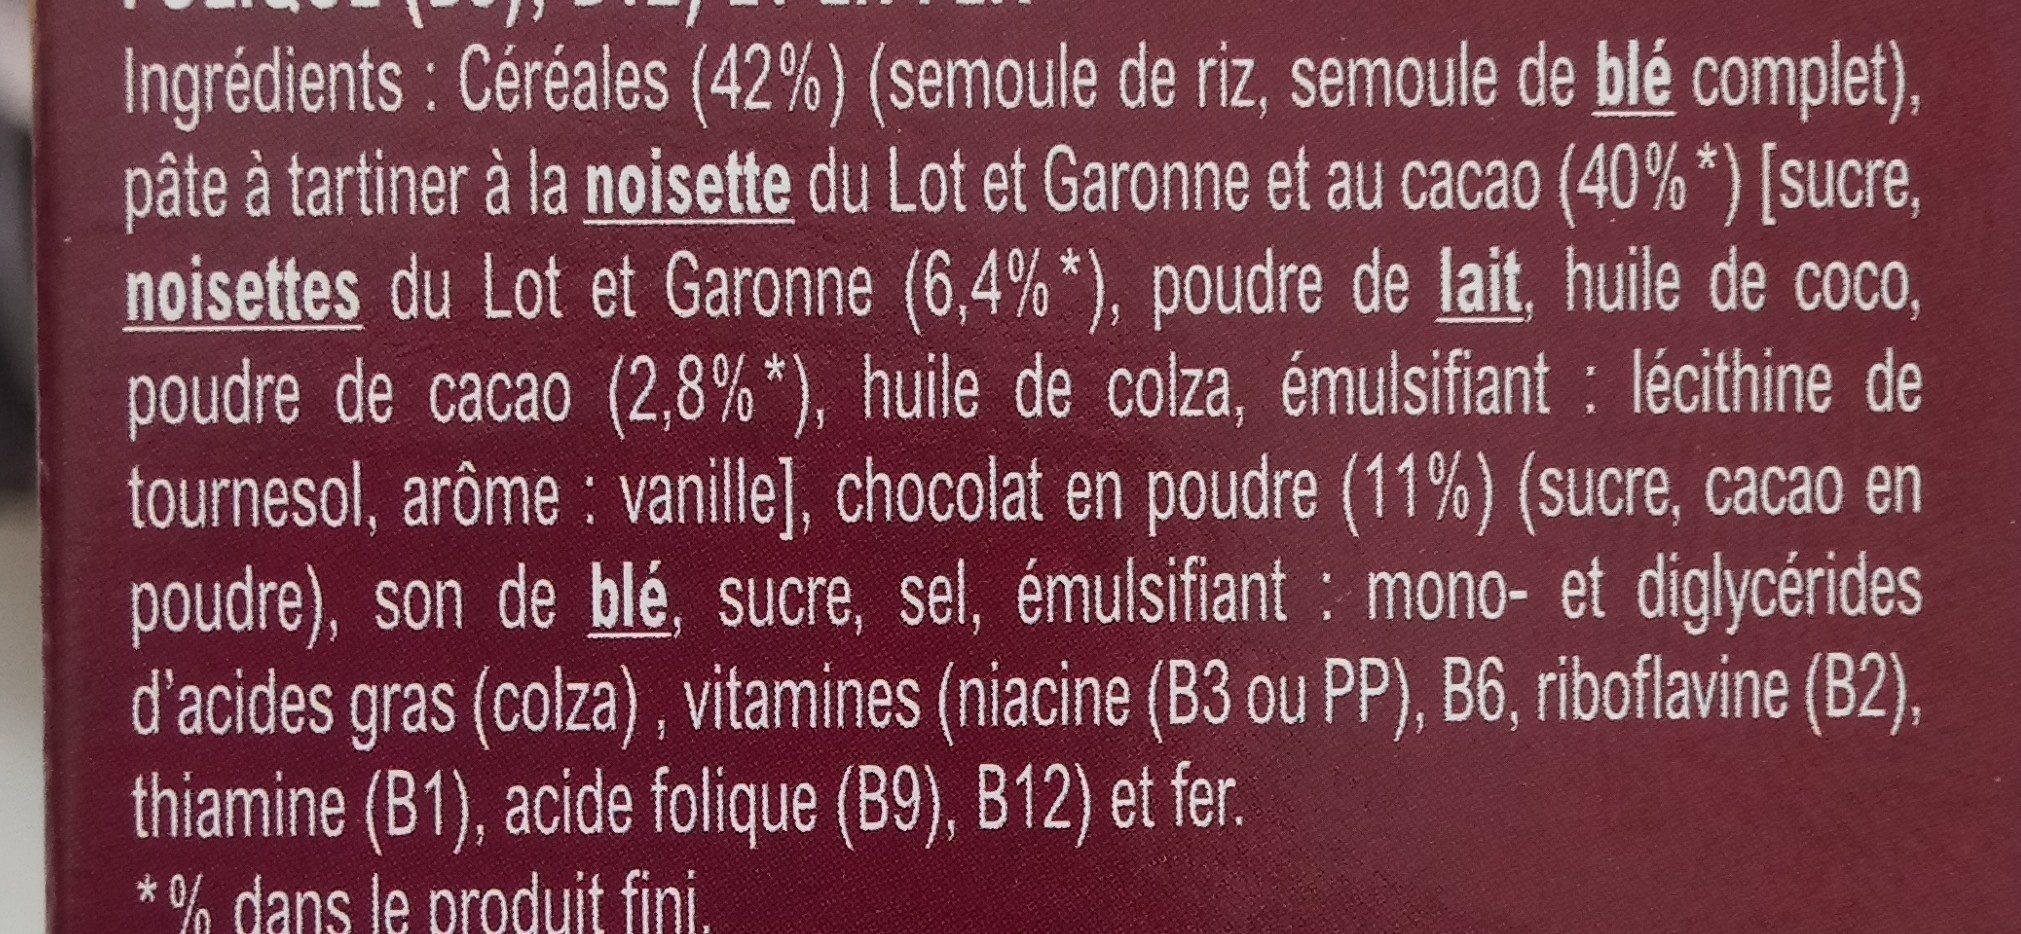 Céréales Croc' Tout Choc à la Pate à Tartiner Cacao - Ingredients - fr